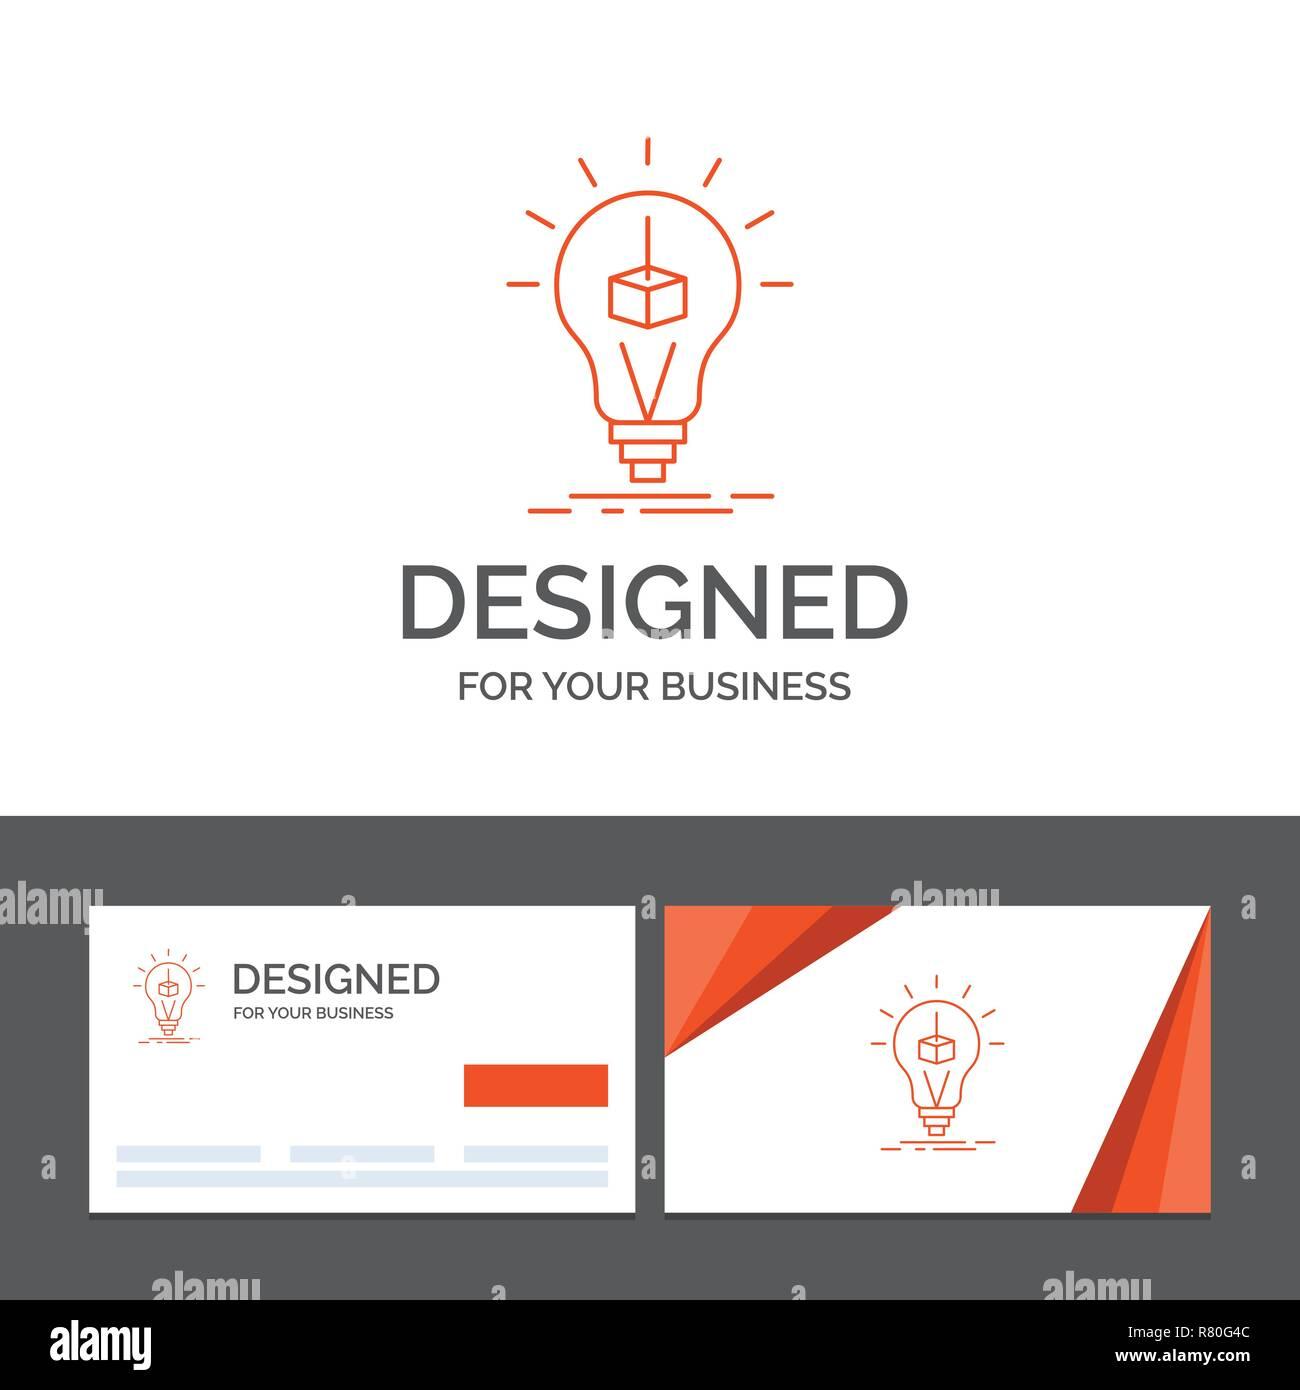 Logo Daffaires Modele De Cube 3d Idee Lampe Limpression Fort Cartes Visite Orange Avec Marque Template